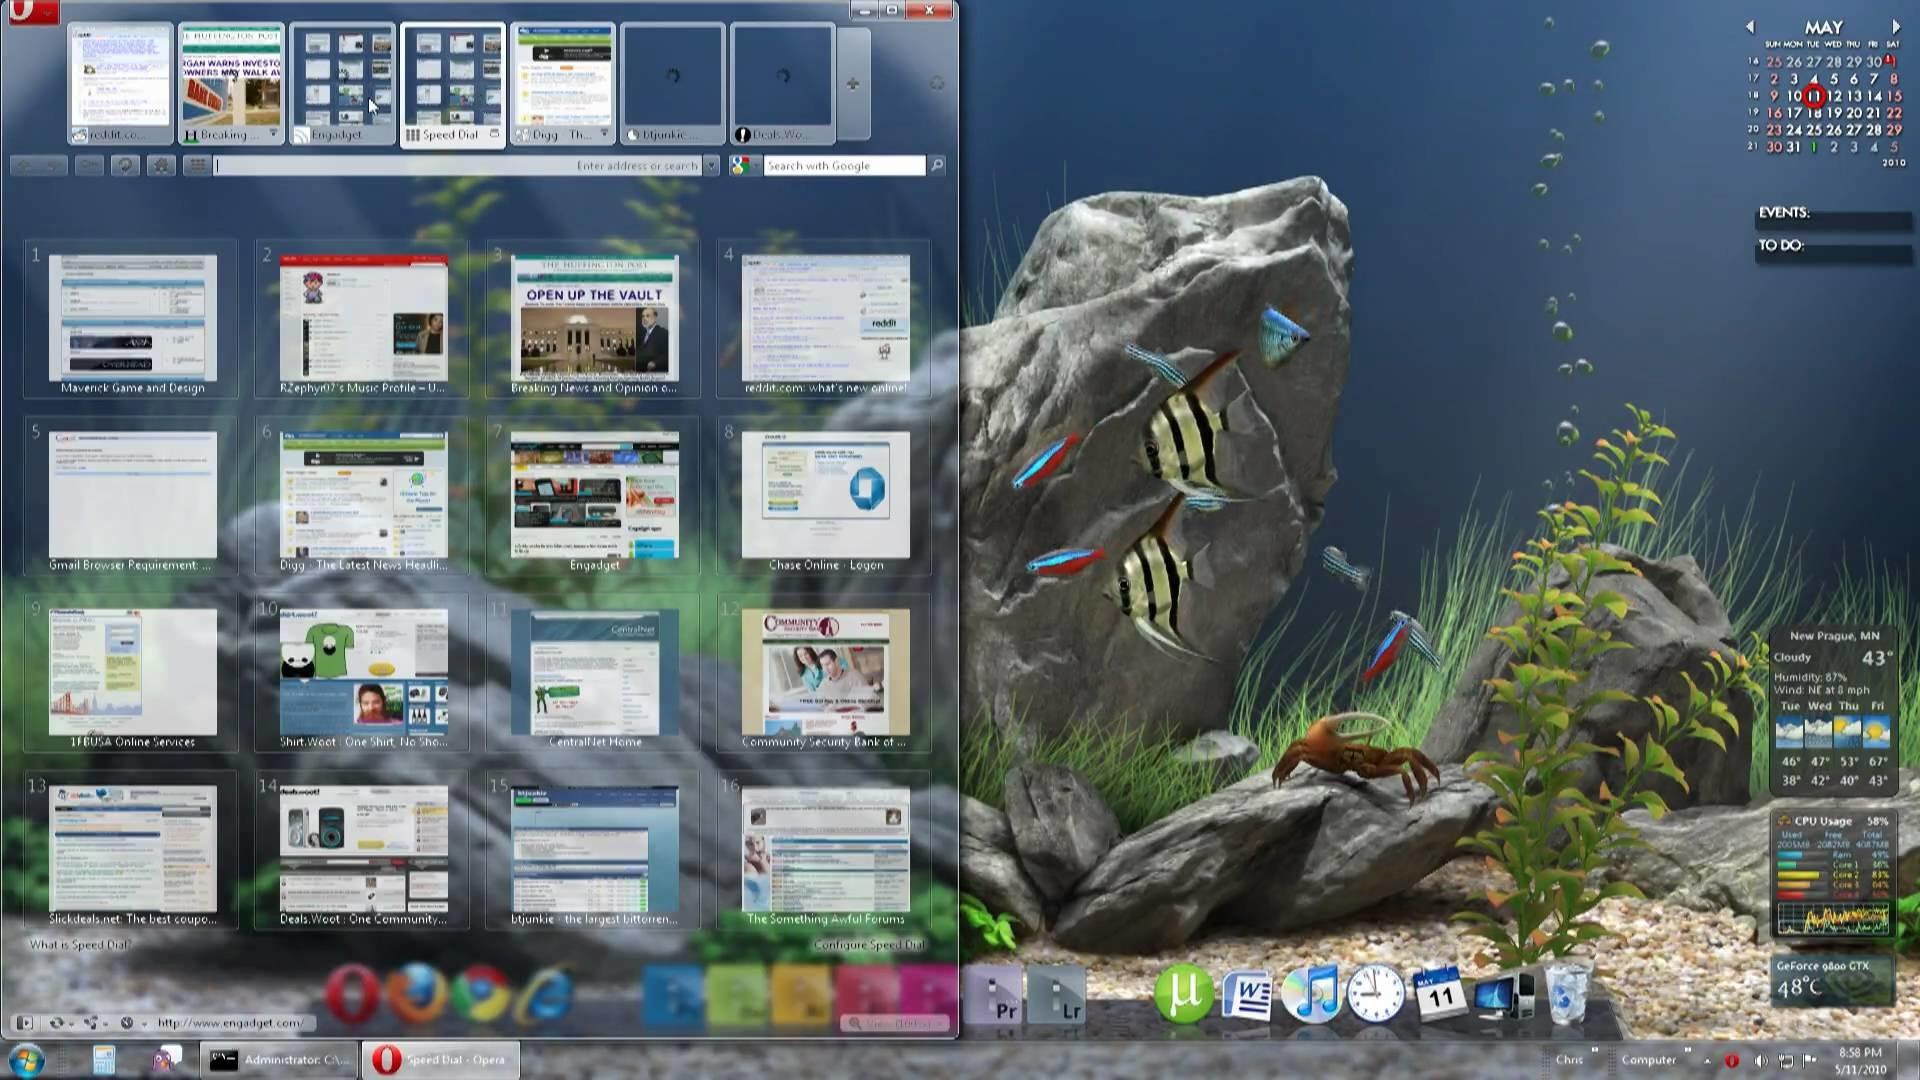 Desktop Aquarium 3d Live Wallpaper On Imac Aquarium Live Wallpaper For Pc 55 Images